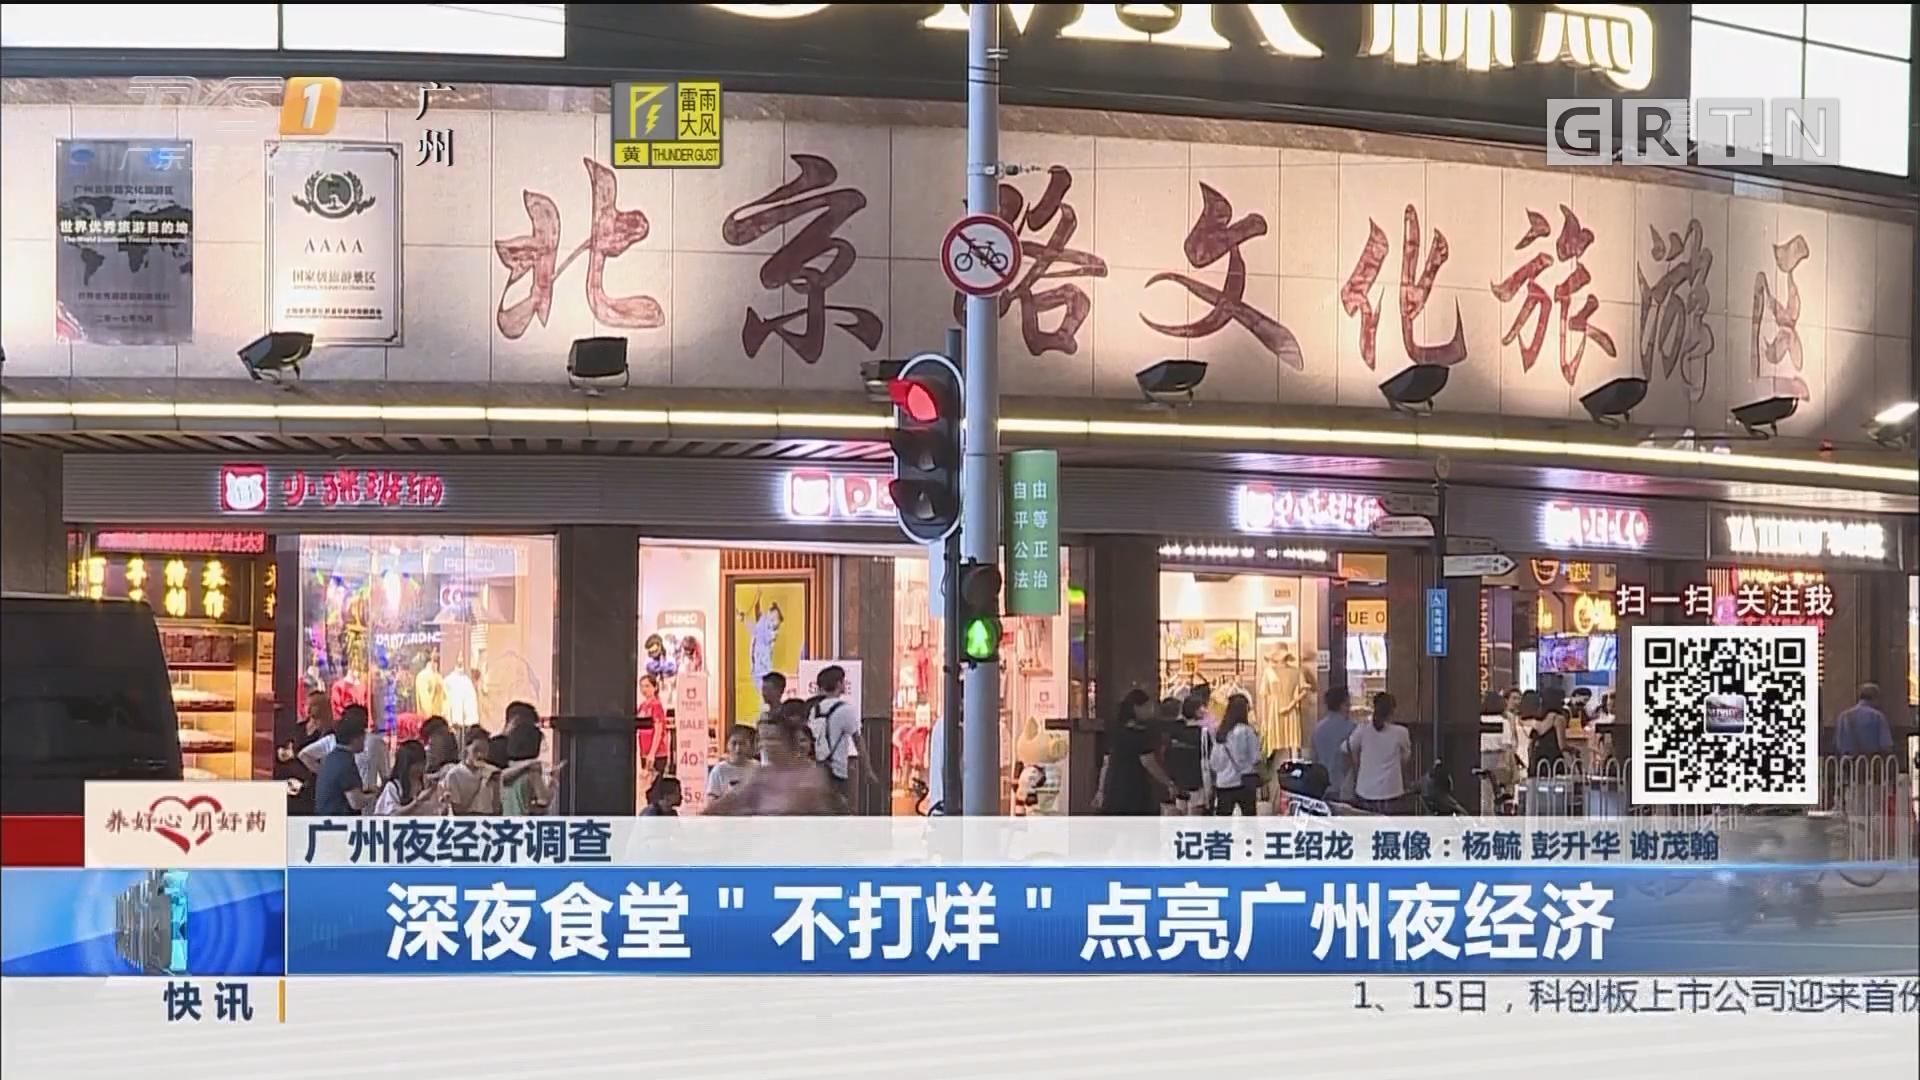 """广州夜经济调查 深夜食堂""""不打烊""""点亮广州夜经济"""